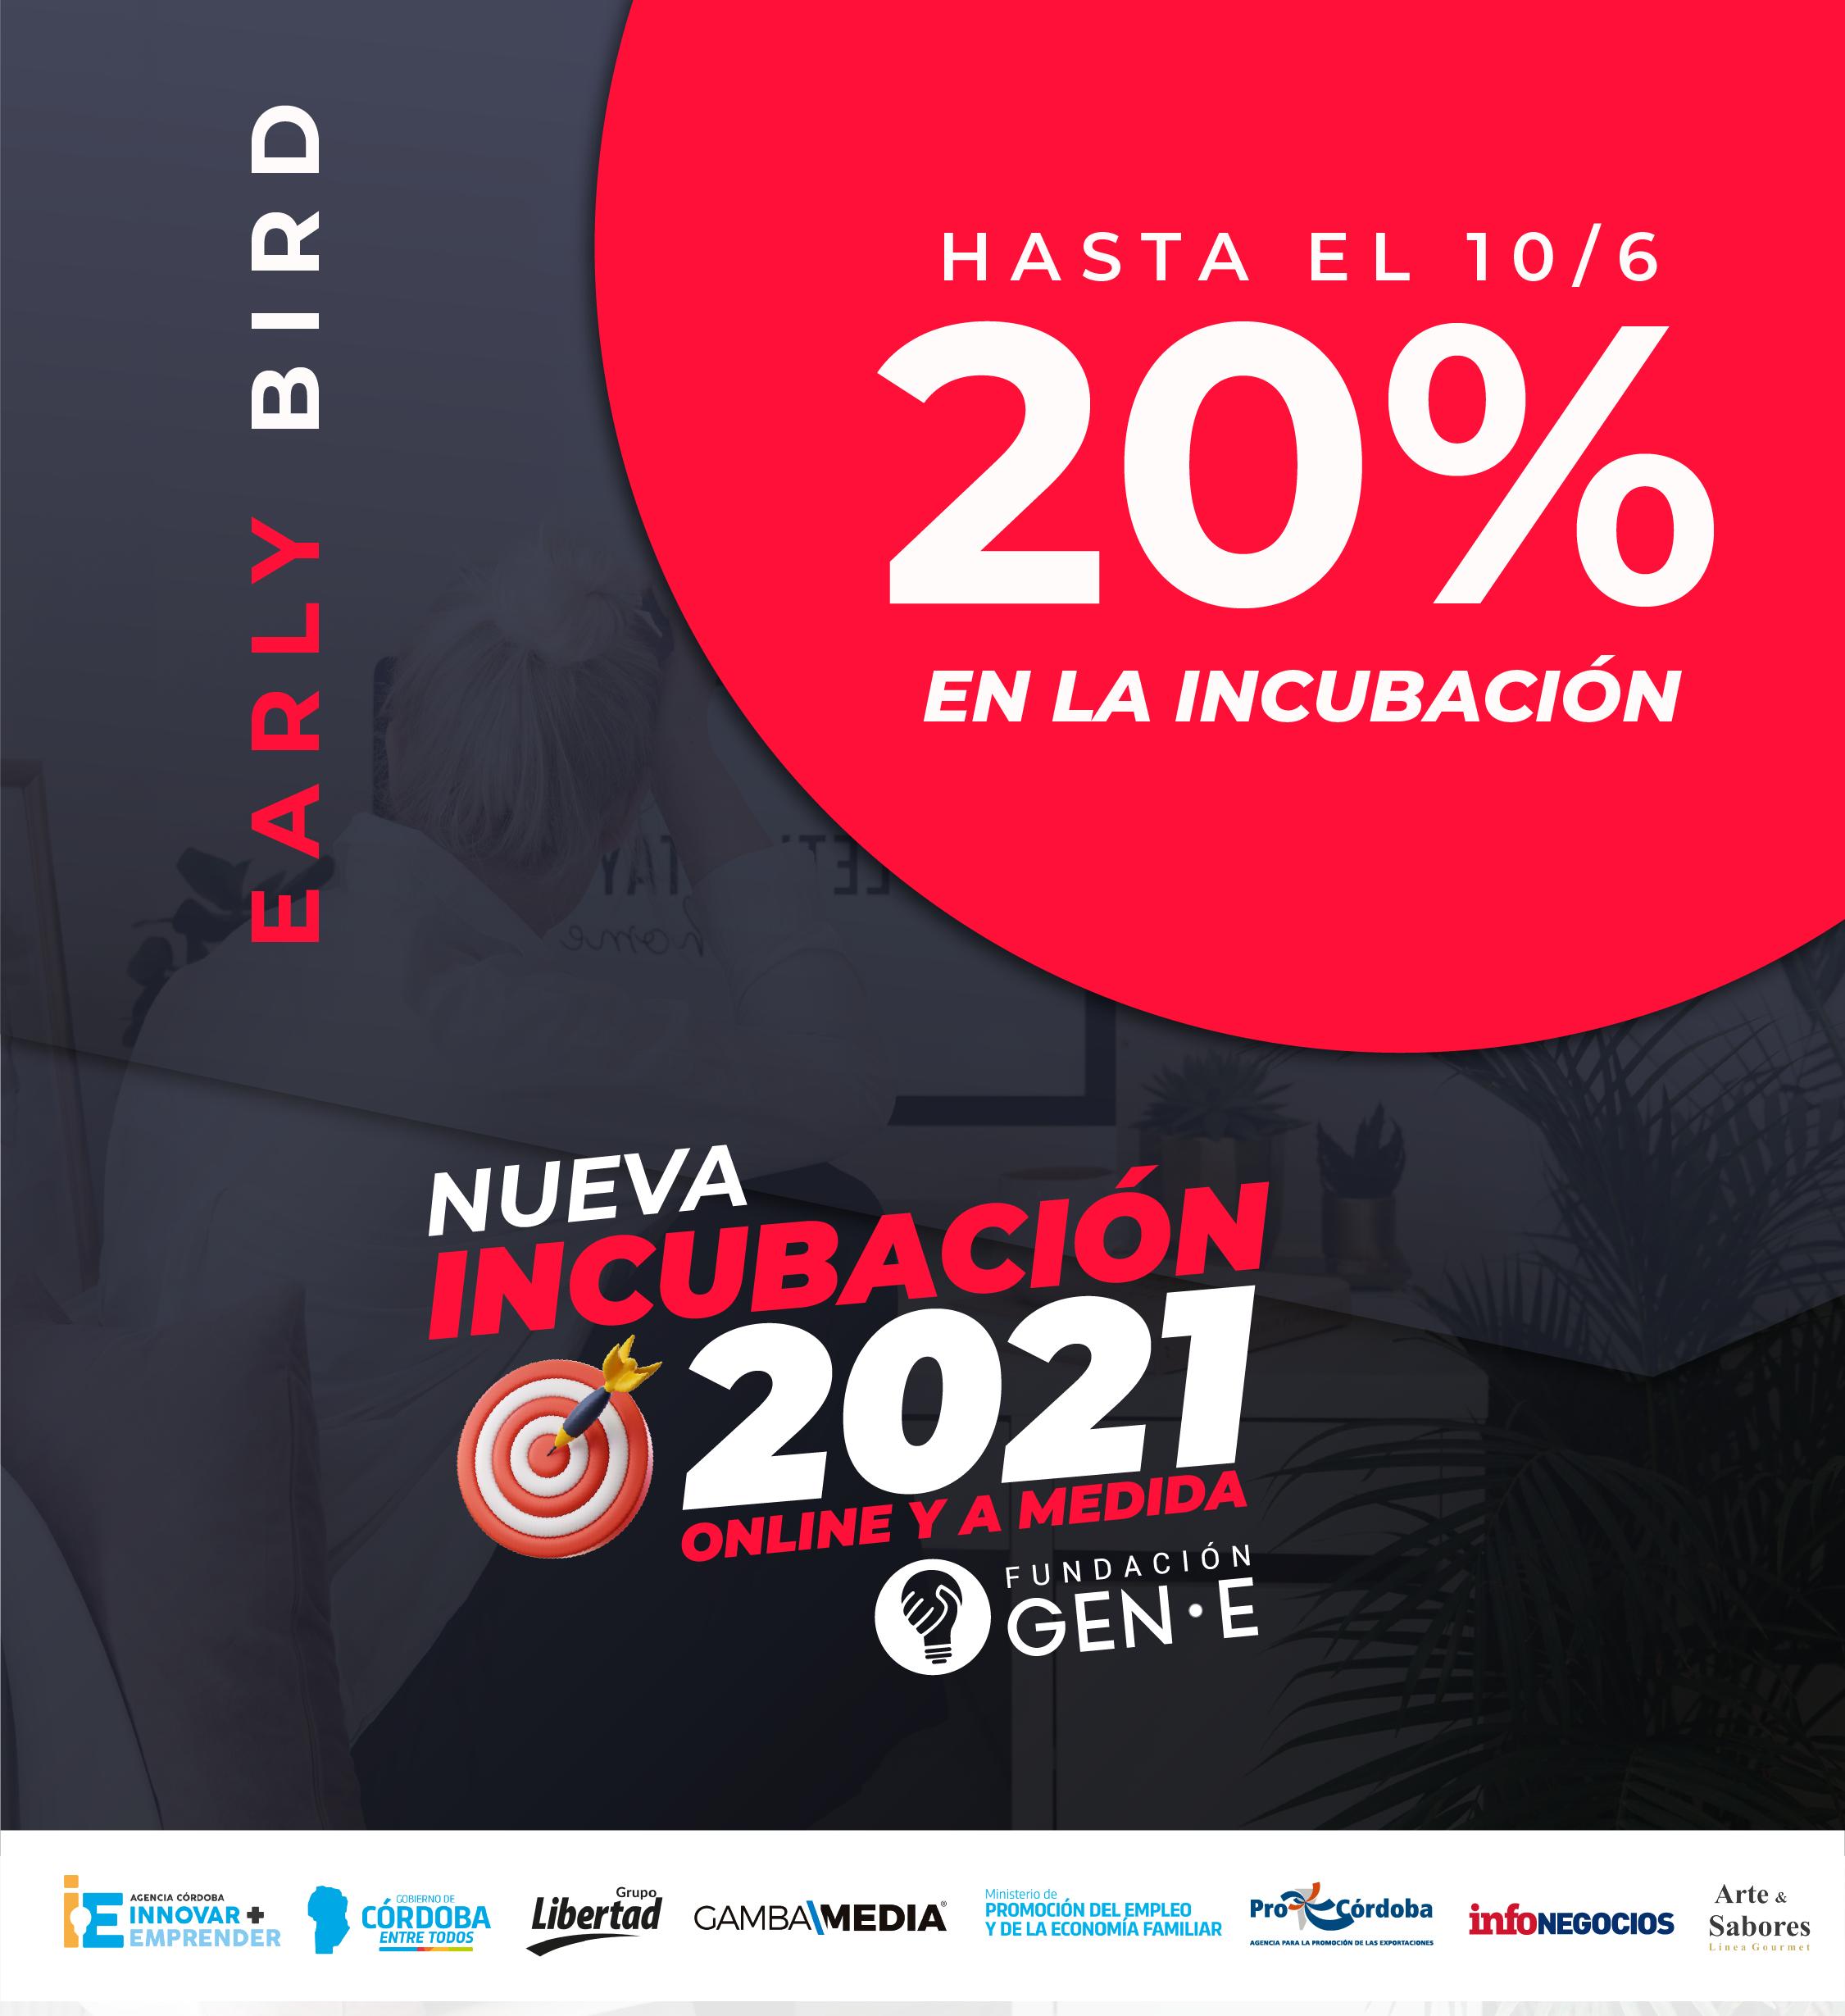 nueva incubación 2021 fundación gen e